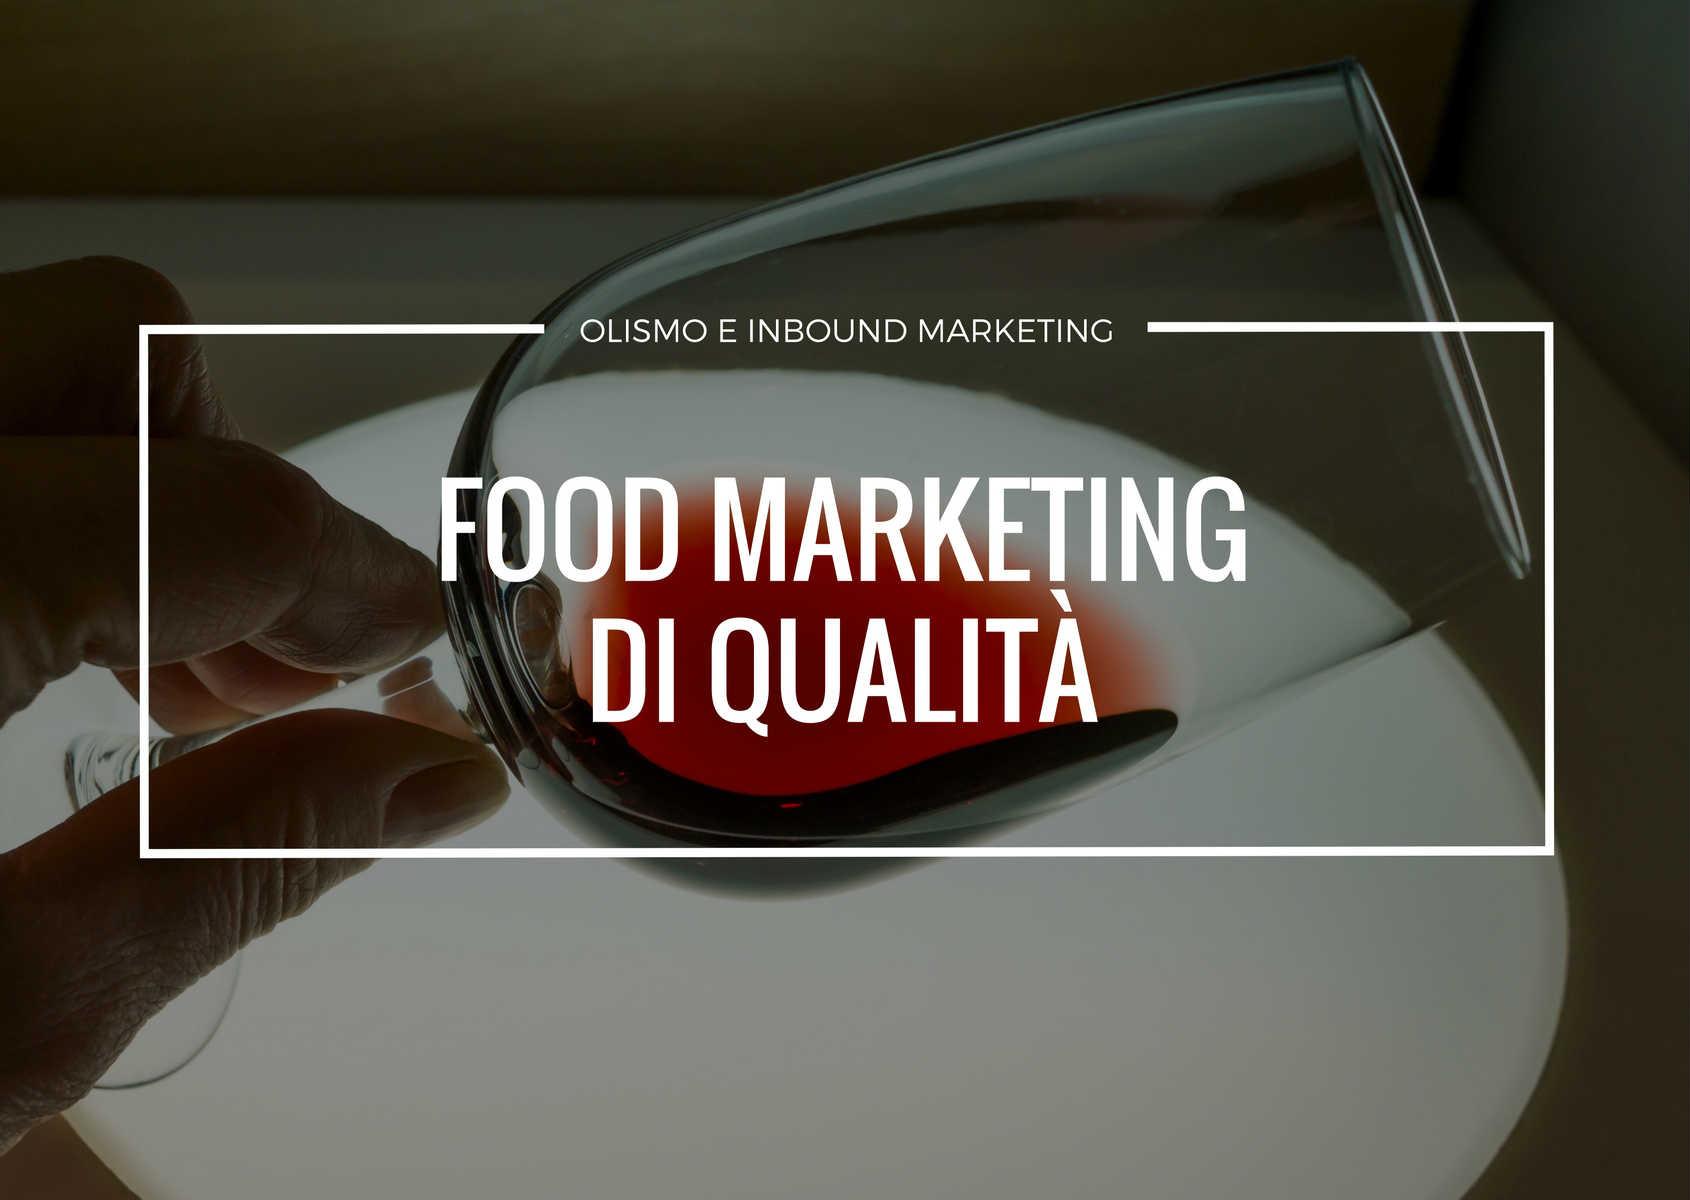 FOOD MARKETING DI QUALITÀ.jpg